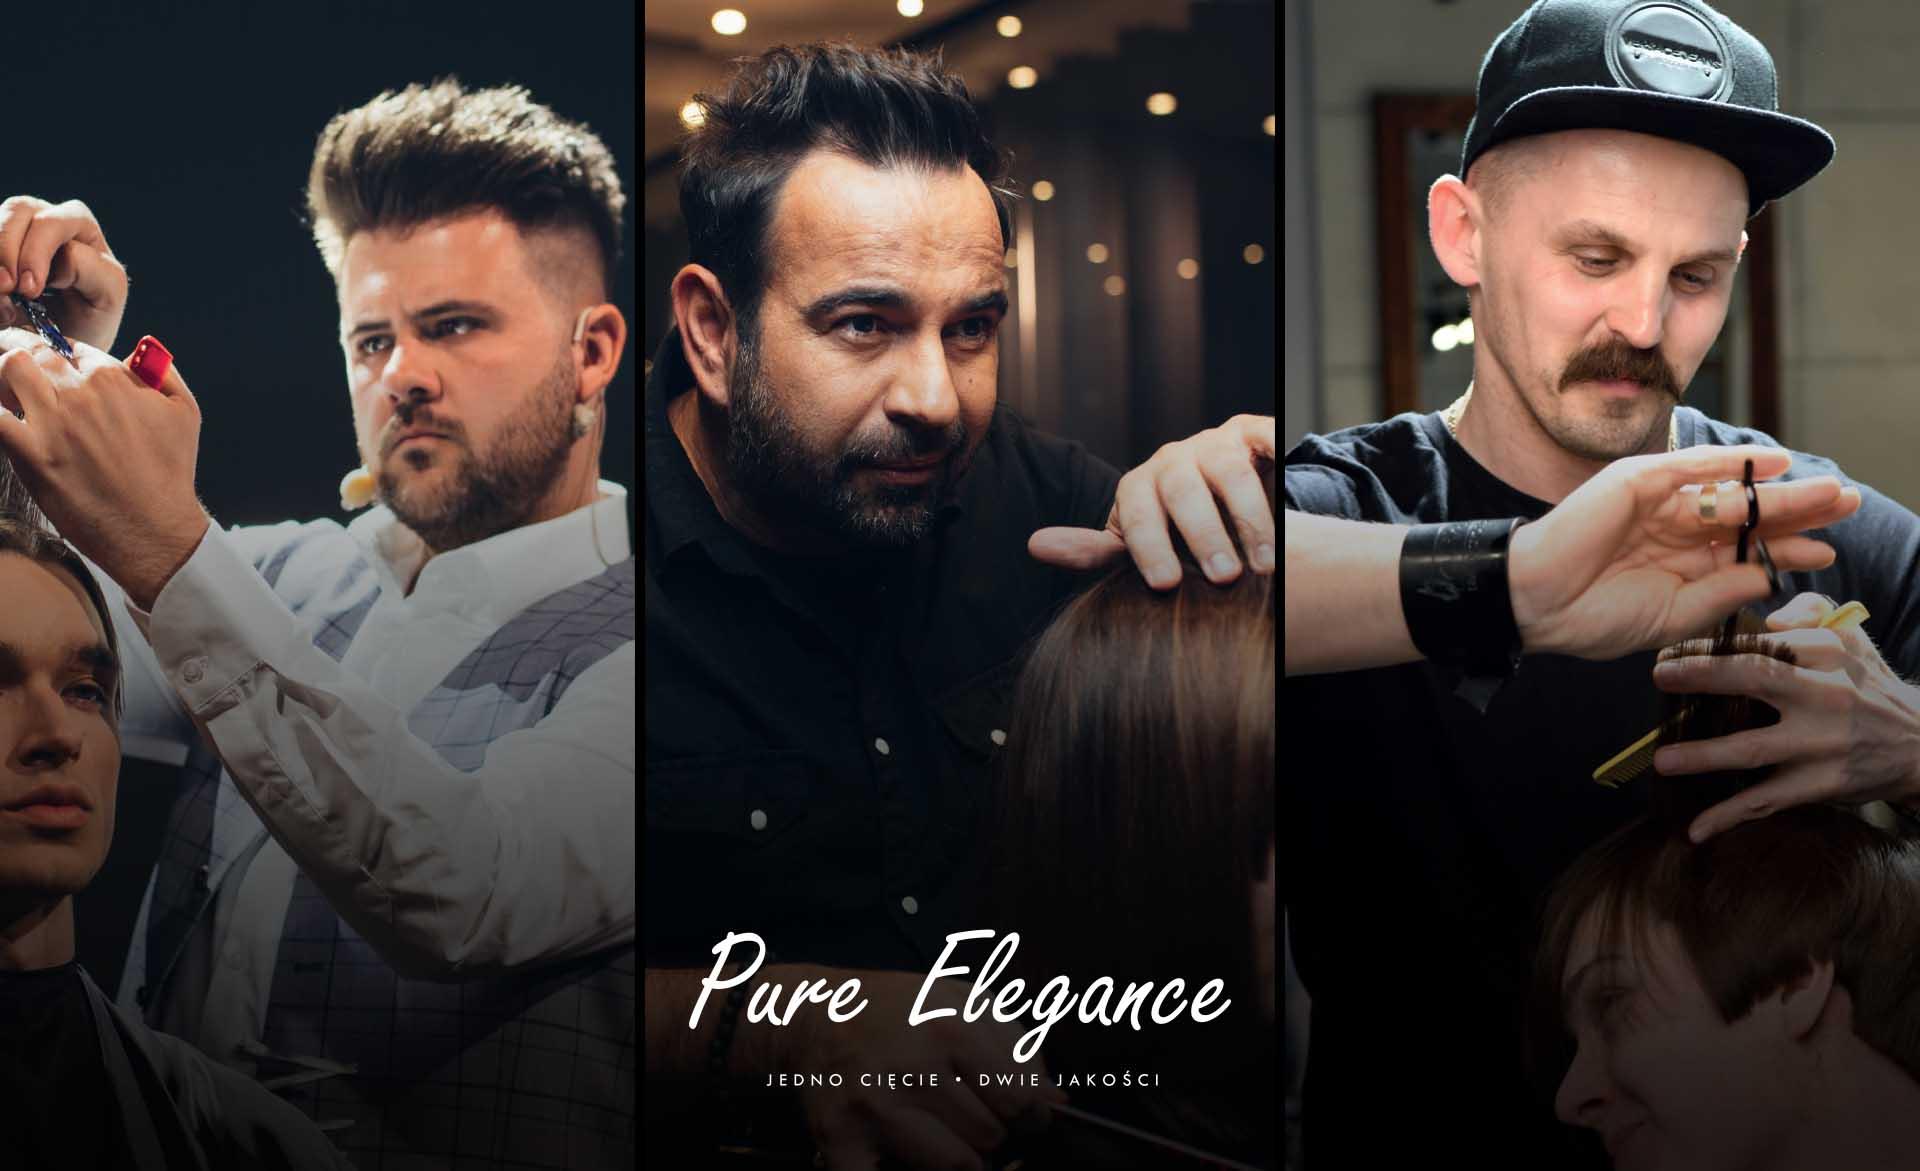 """""""Pure elegance"""" jedno cięcie i dwie jakości podczas Festiwalu Hair Fair w Katowicach"""